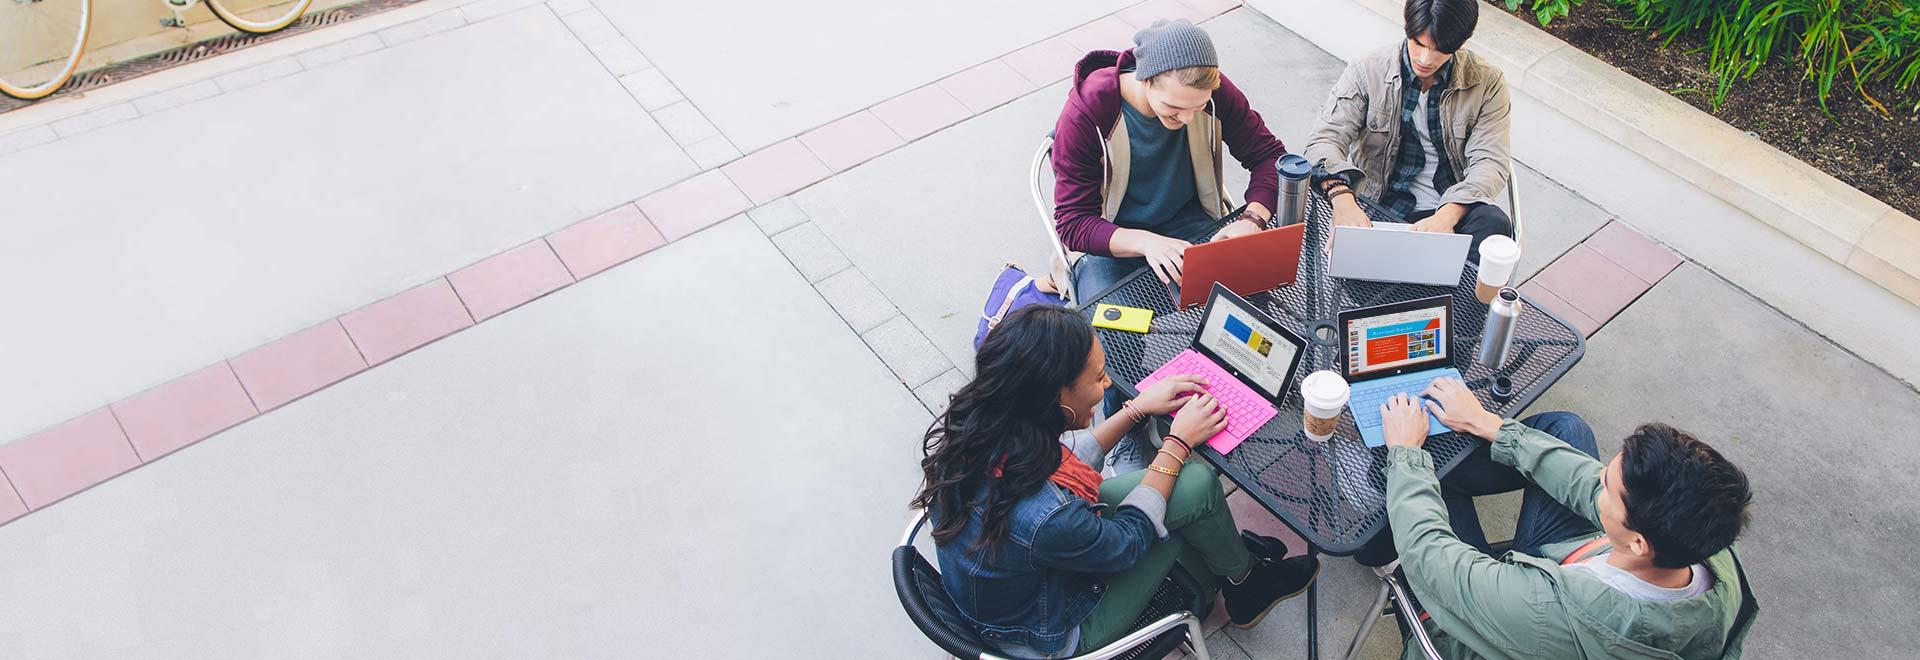 Vier studenten die buiten aan een tafel zitten en Office 365 voor onderwijs op hun tablets gebruiken.